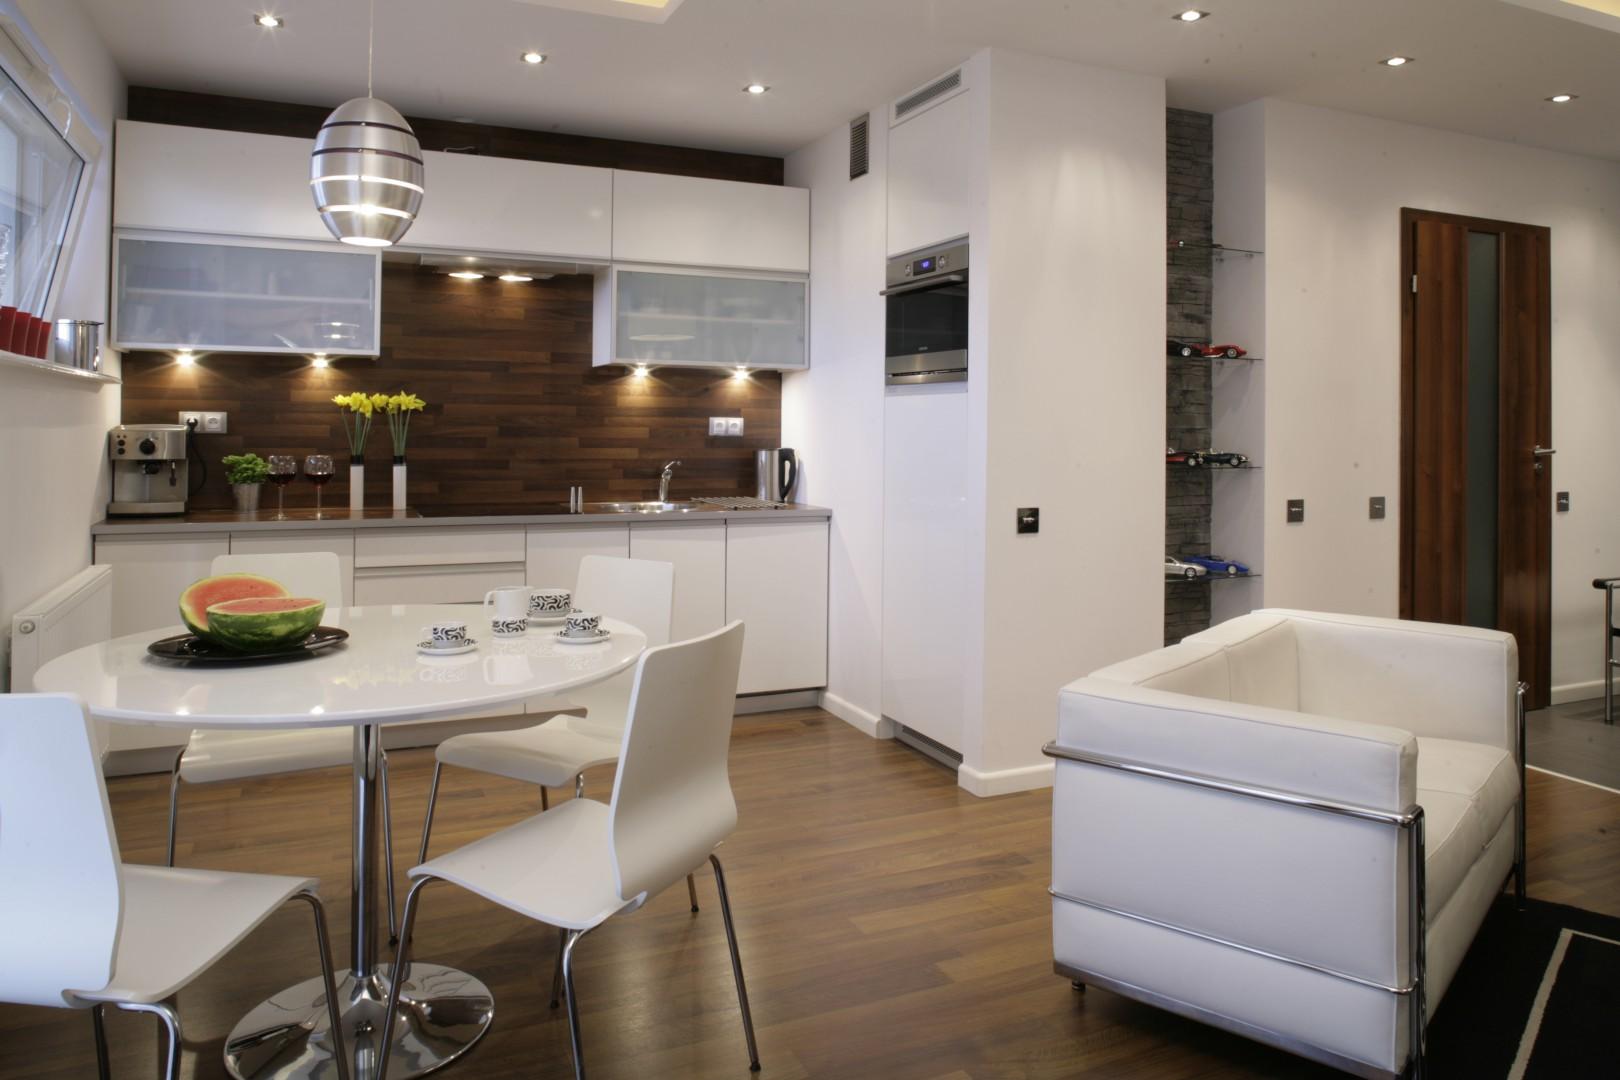 Urządzamy Kuchnia Z Salonem 15 Pomysłowych Aranżacji Meblecompl